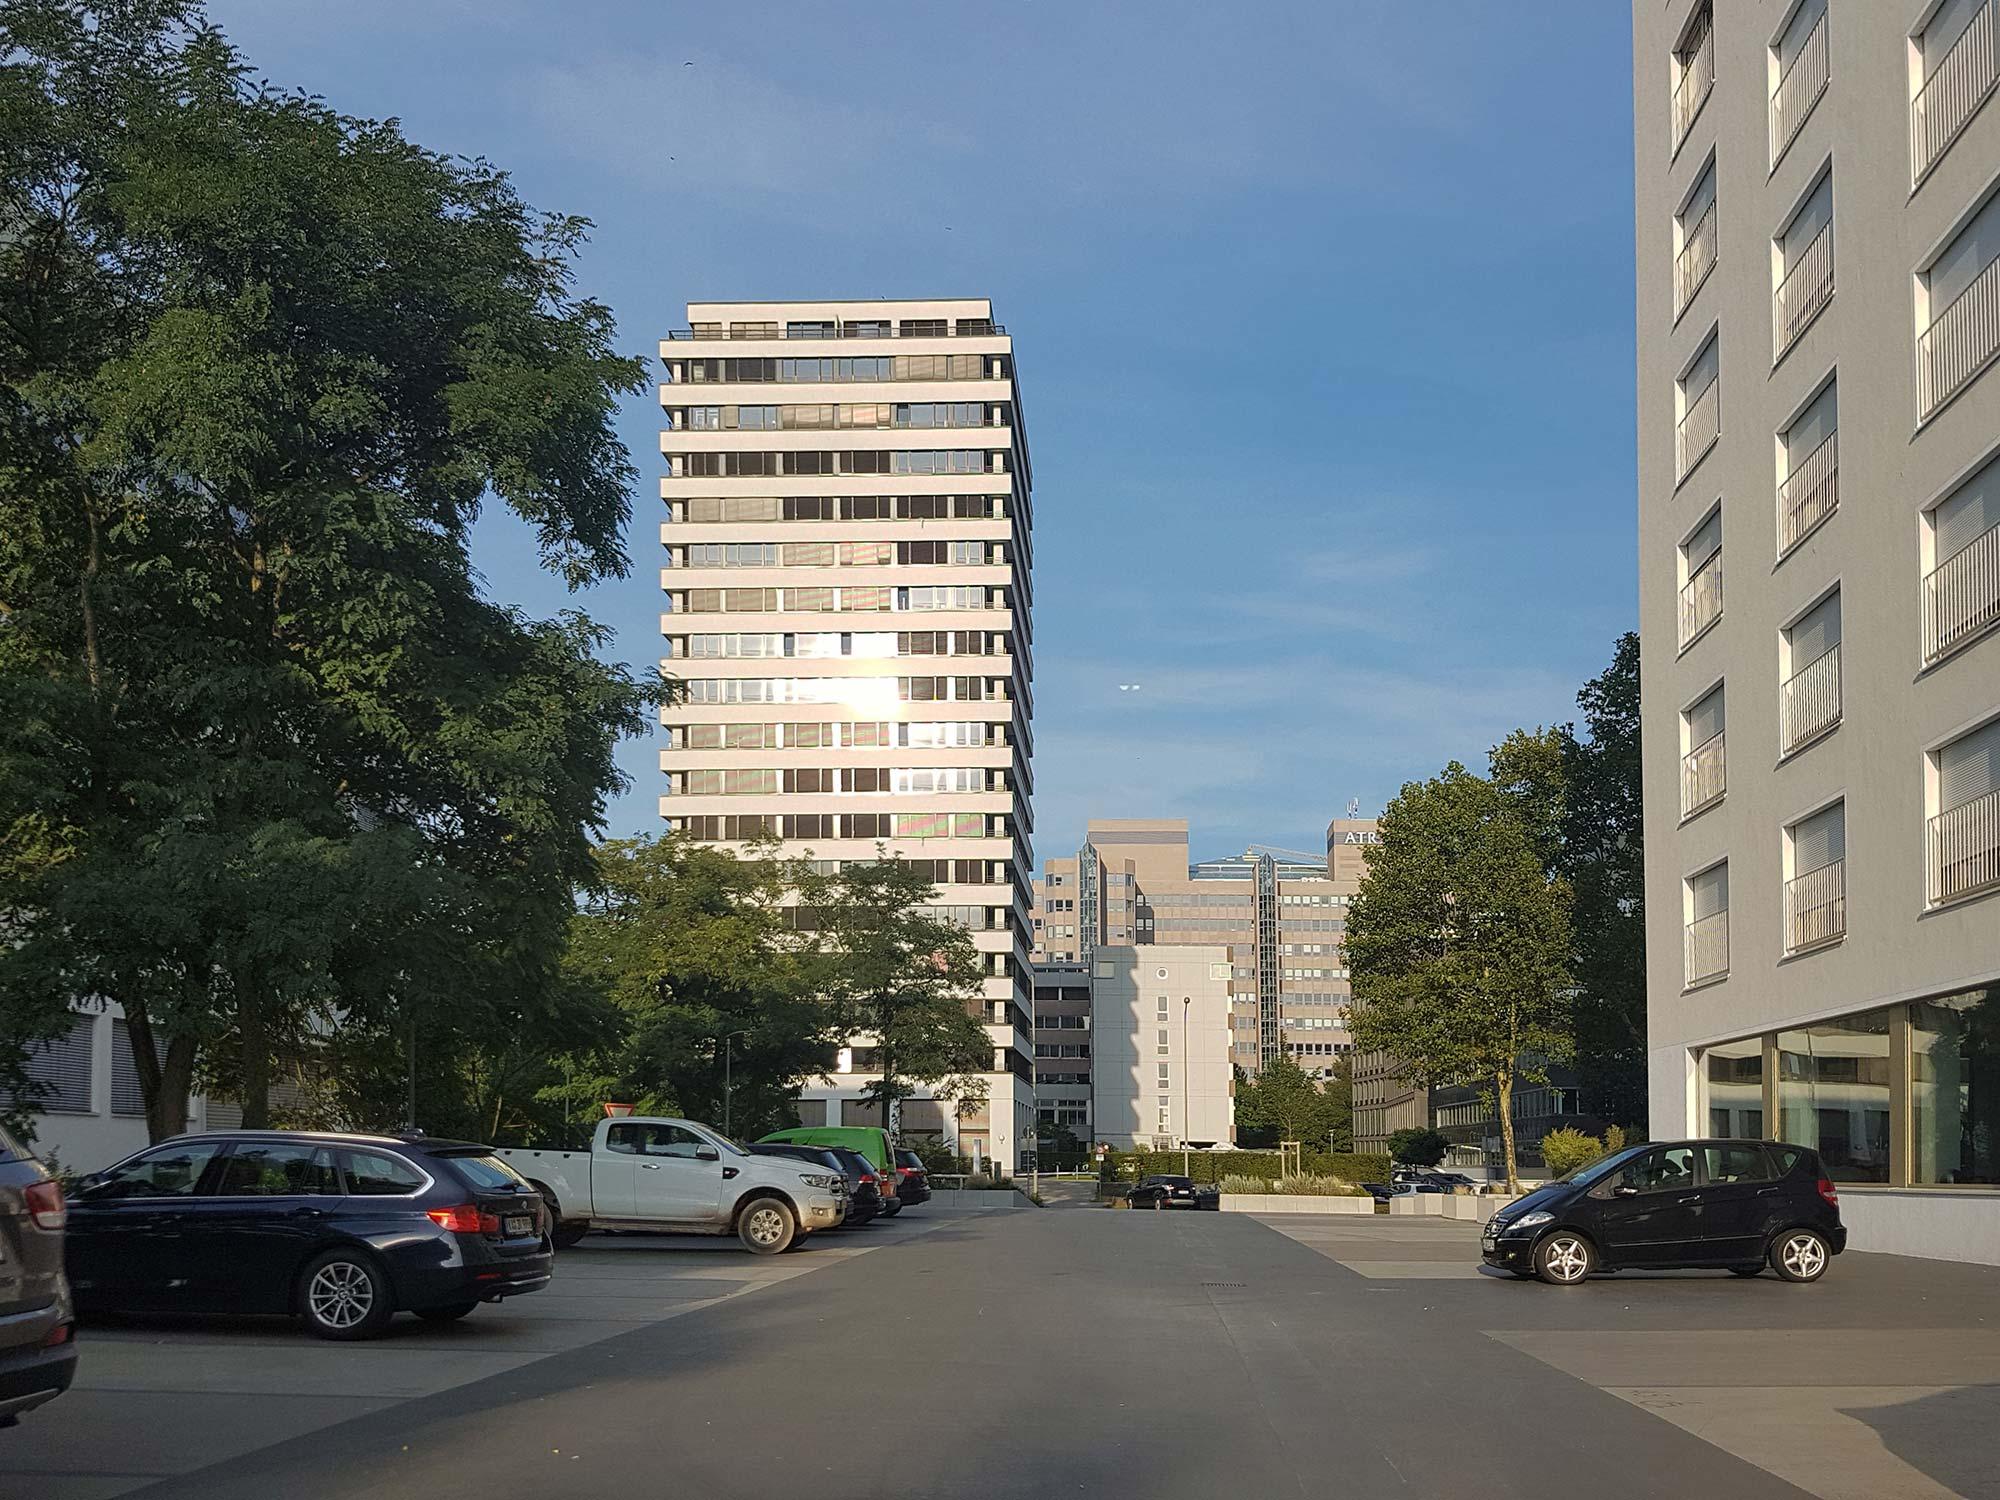 Wohnhochhaus von Stefan Forster Architekten: Lyoner Straße 19 Frankfurt - Ebenfalls neu errichtet: Das Wohnhochhaus Ly30 (Lyoner Straße 30) rechts im Bild angeschnitten